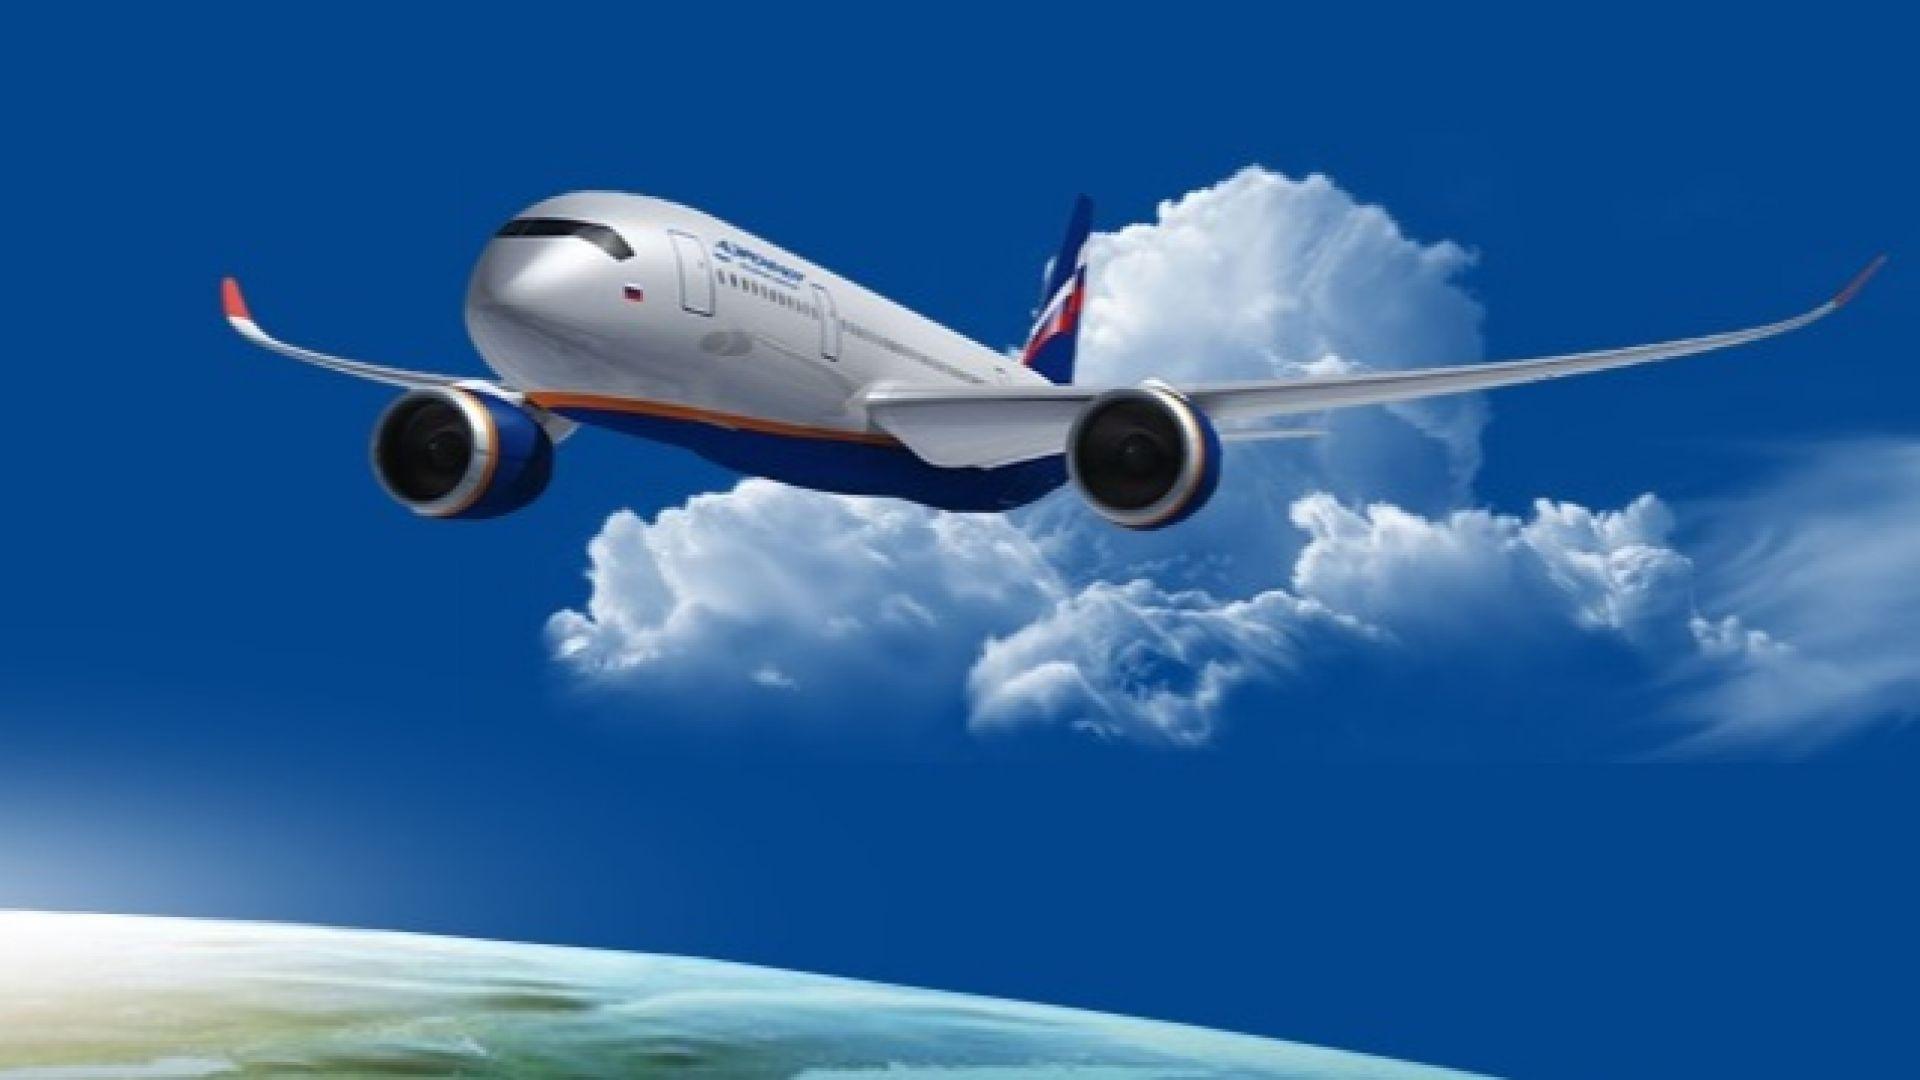 Починалият втори пилот на самолет на Аерофлот бил клинично здрав